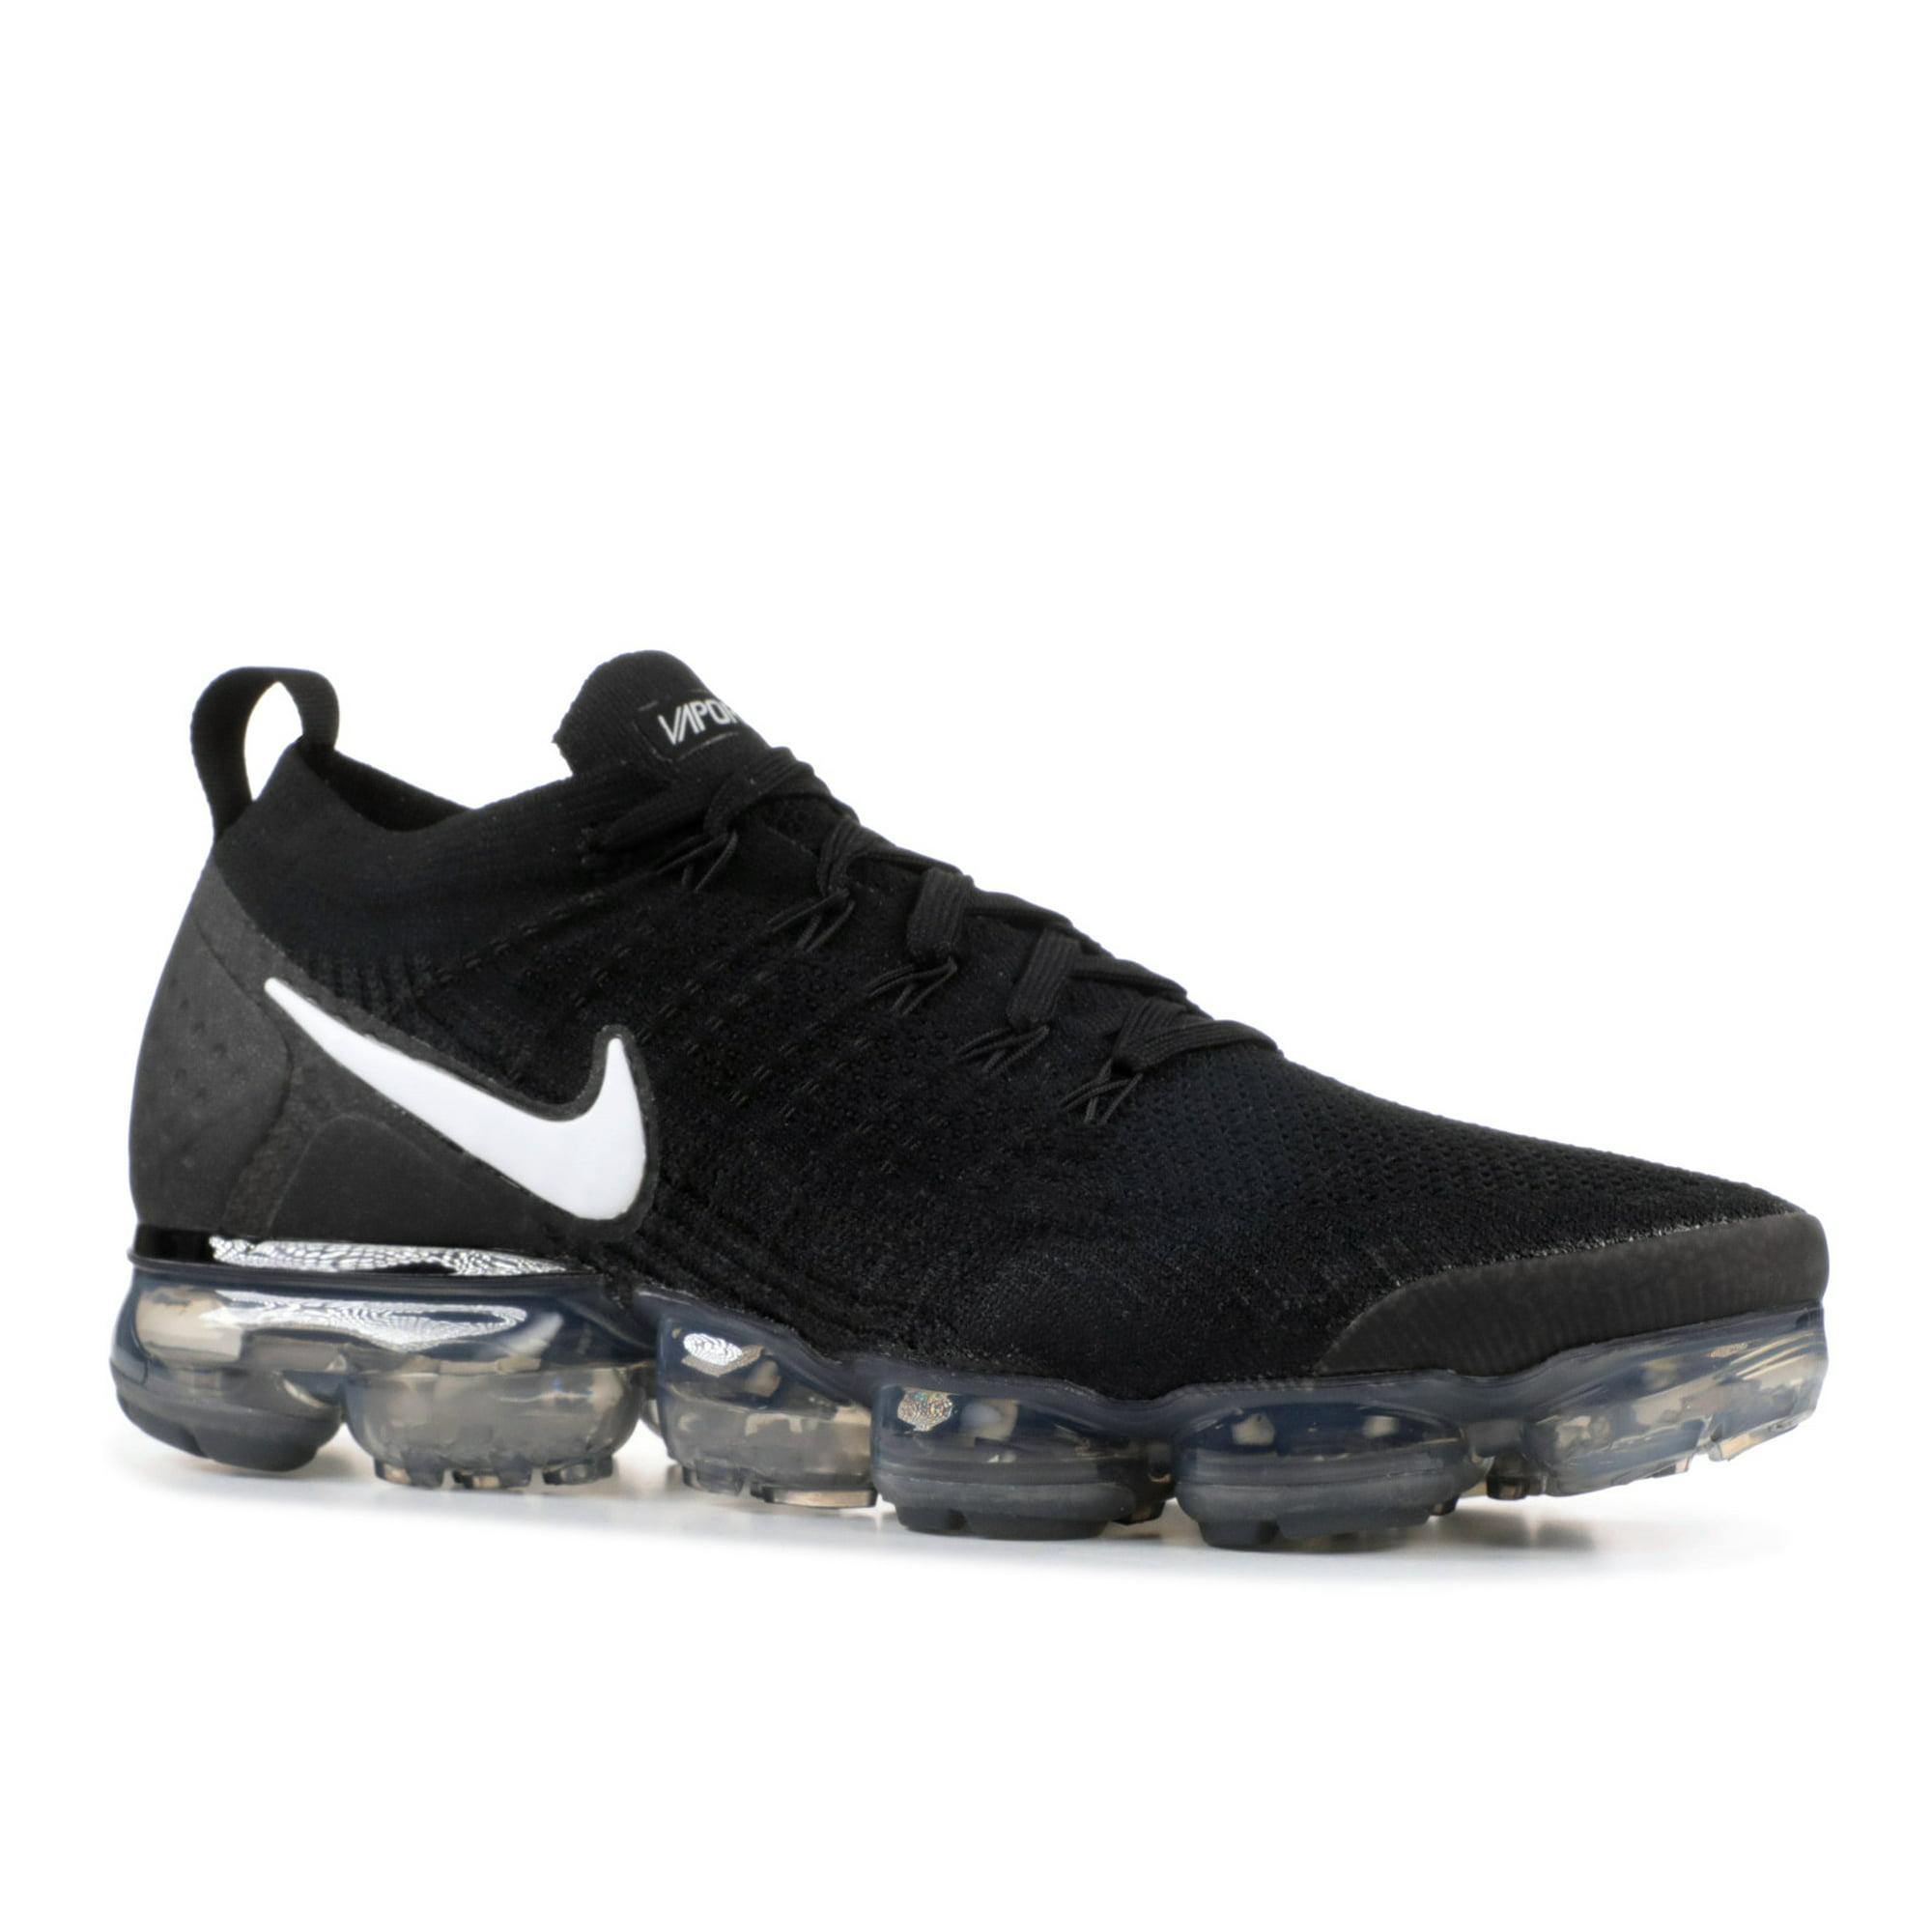 best sneakers 22050 ad8f2 Nike - Men - Nike Air Vapormax Flyknit 2 - 942842-001 - Size 10.5   Walmart  Canada